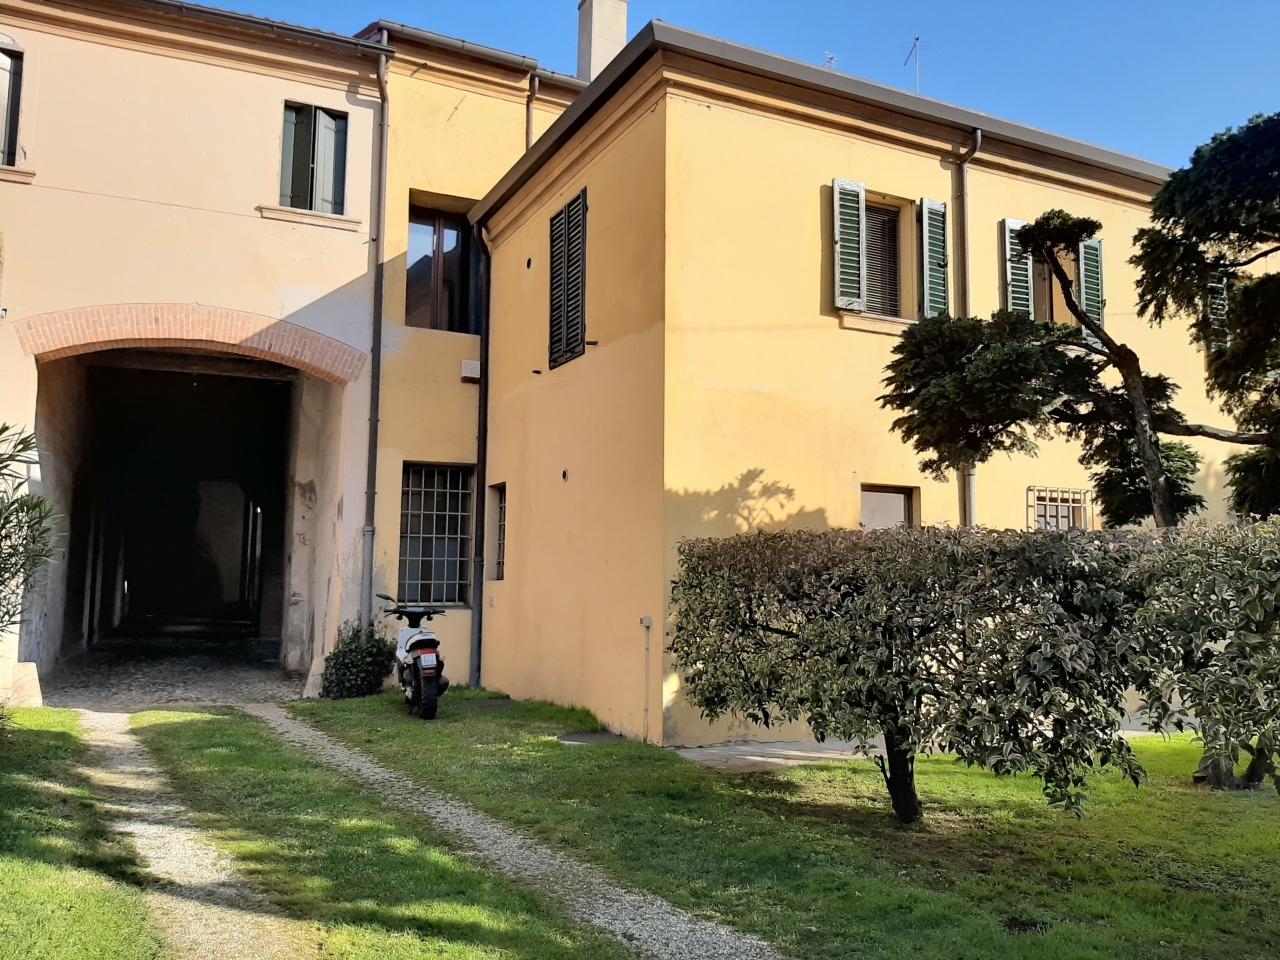 Appartamento in vendita a Lendinara, 5 locali, prezzo € 145.000 | CambioCasa.it